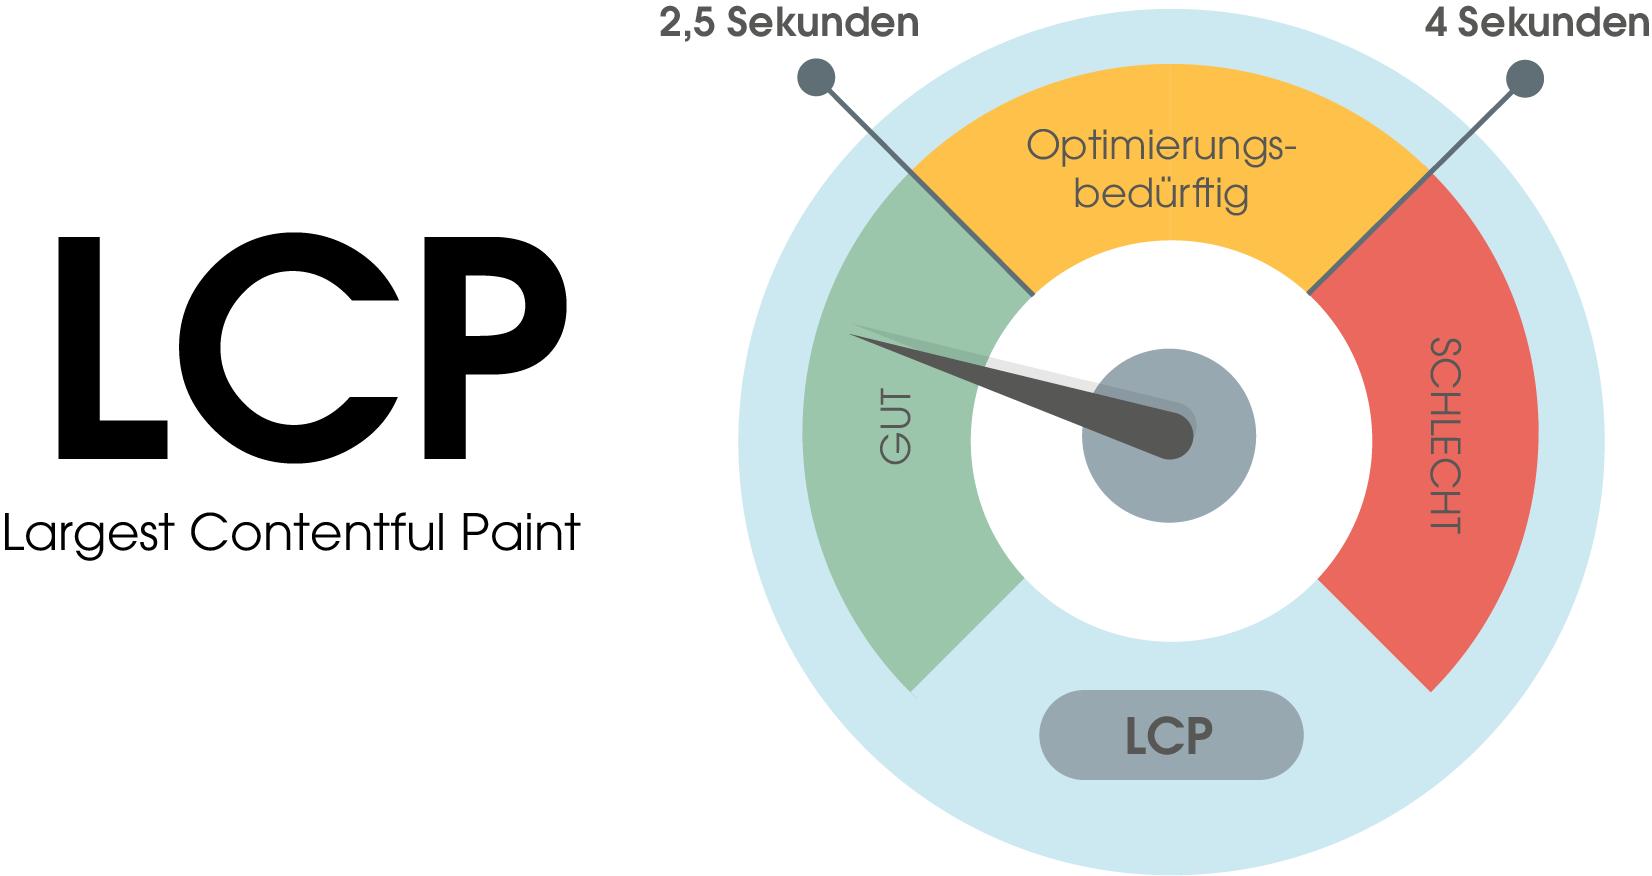 Der LCP (largest contentful paint)-Score ist in drei Bereiche unterteilt: 1. Gut: 0 bis 2,5 Sekunden Ladezeit 2. Optimierungsbedürftig: 2,5 bis 4 Sekunden Ladezeit 3. Schlecht: 4 Sekunden Ladezeit und mehr